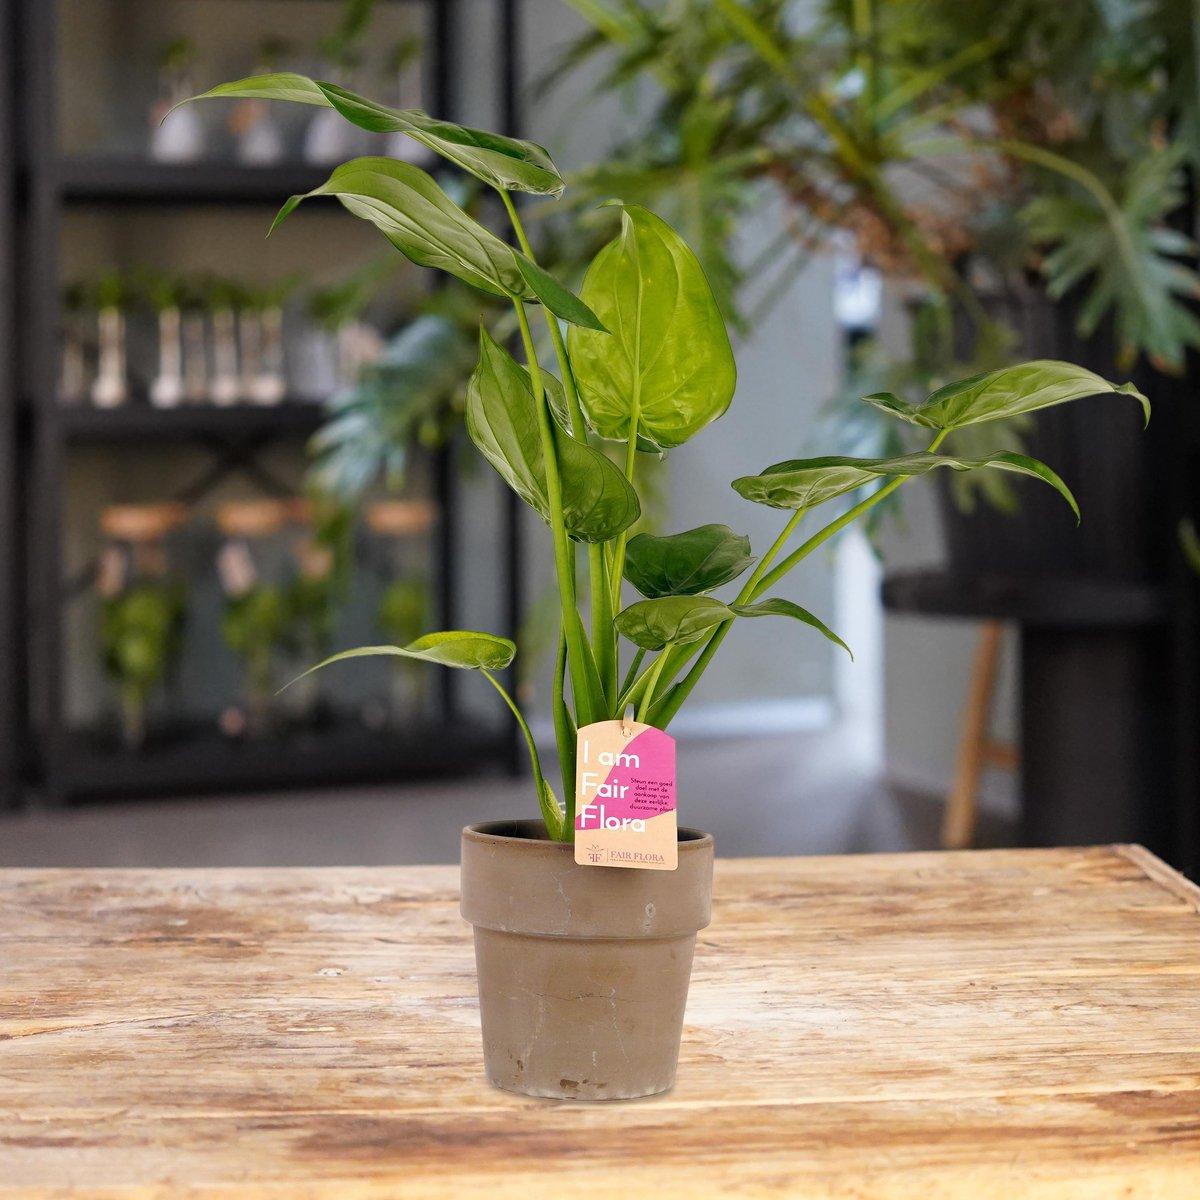 Duurzaam geproduceerde Kamerplant van FAIR FLORA® - 1 x Olifantsoor in de grijze keramische pot - Hoogte: ca. 40 cm - Latijnse naam: Alocasia Cucullata